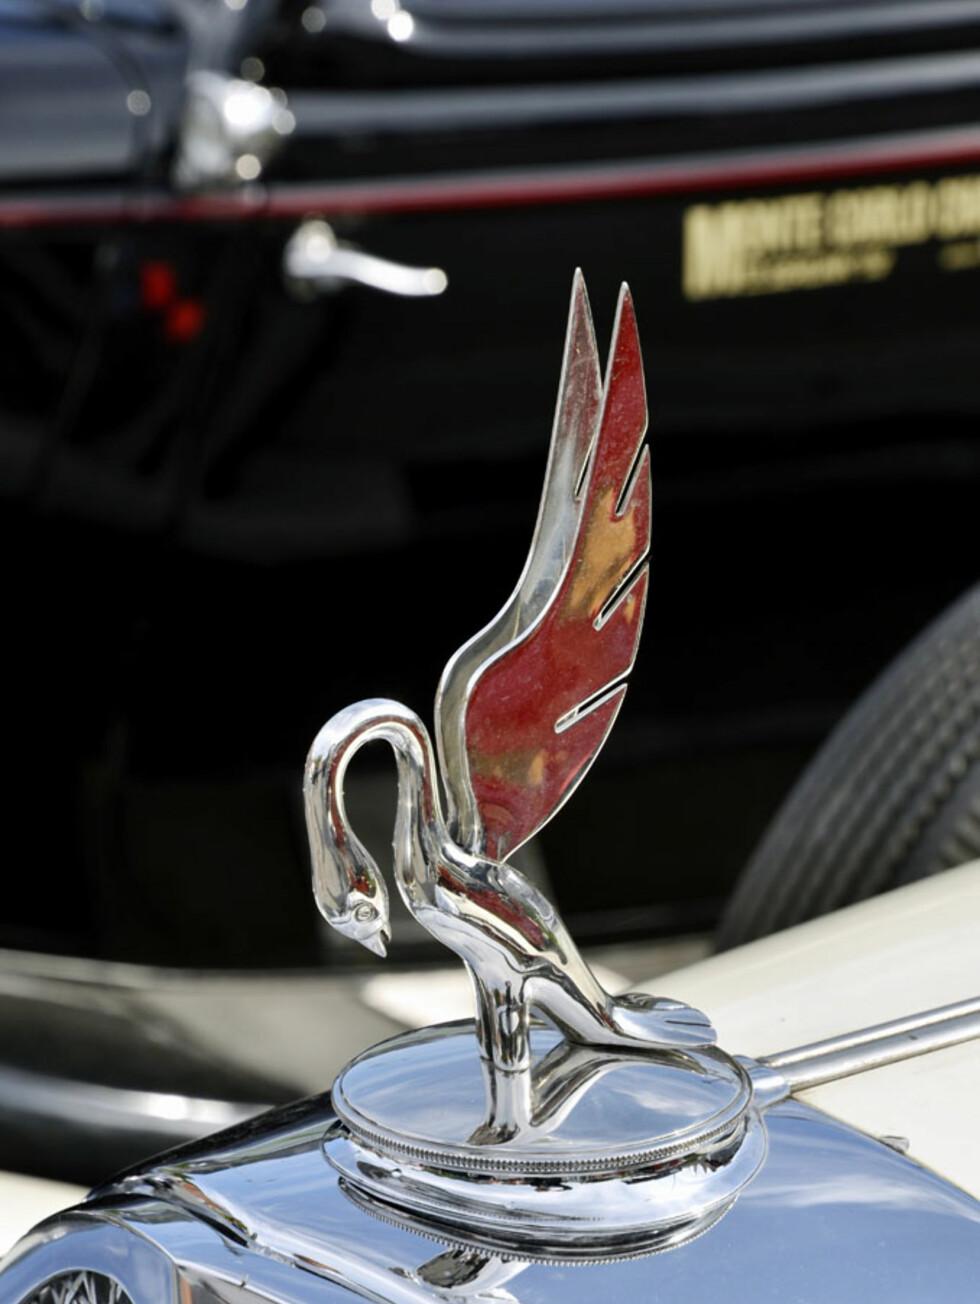 Grasiøst og elegant, kan vel dette ornamentet kalles. Står på en 1932-modell Packard. Eier: Rune Aschim. Foto: Stein Inge Stølen